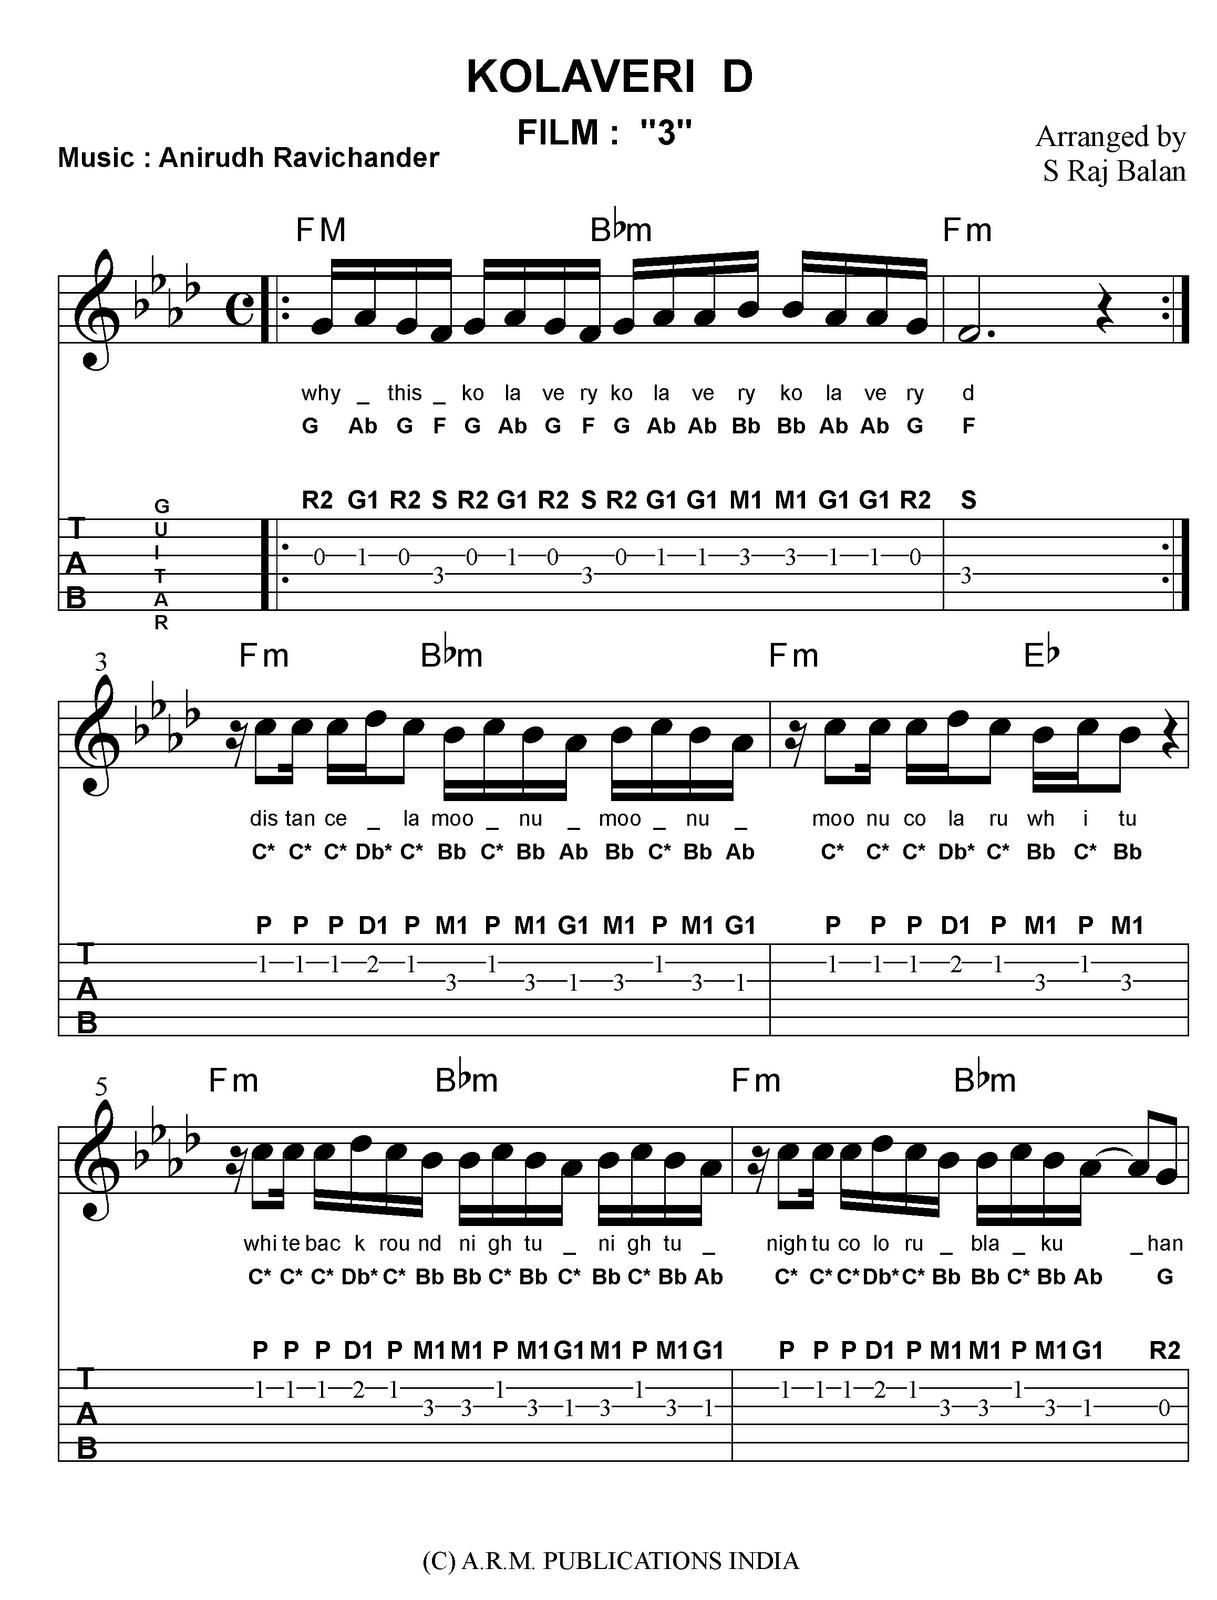 Play Bollywood Hindi Songs On Piano Keyboard Guitar Violin Saxophone Notes And Sheetmusic In Western And Indian Formats For Bollywood Tamil Kannada Rabindra Sangeeth Bollywood piano notes for old classical songs (piano only) indai. bollywood tamil kannada rabindra sangeeth